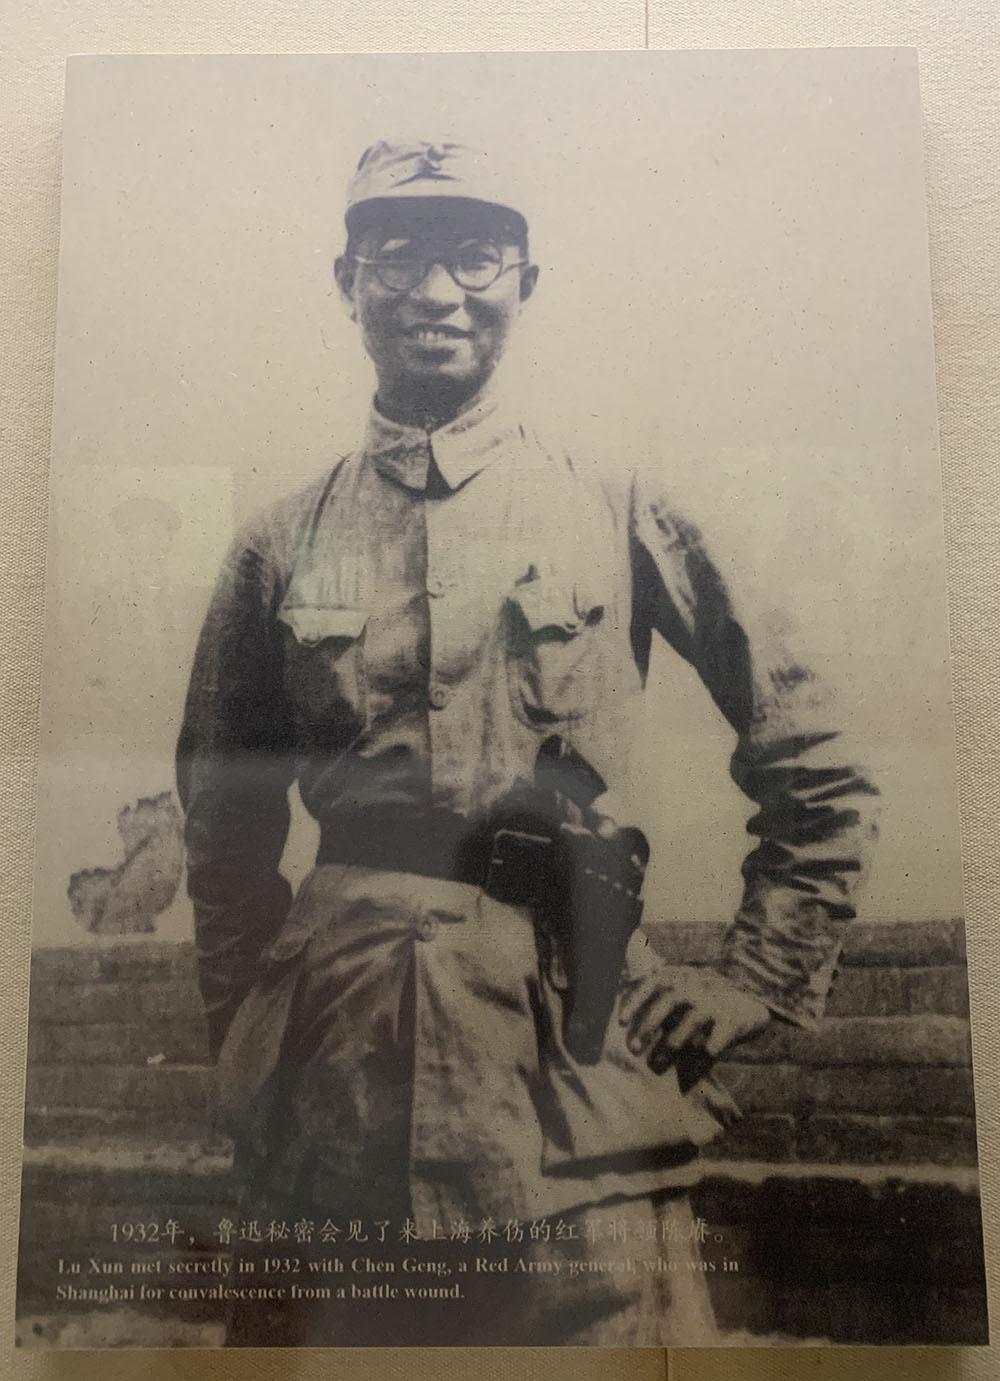 1932年,鲁迅会见红军将领陈赓。澎湃新闻记者 朱奕奕 翻拍自鲁迅纪念馆